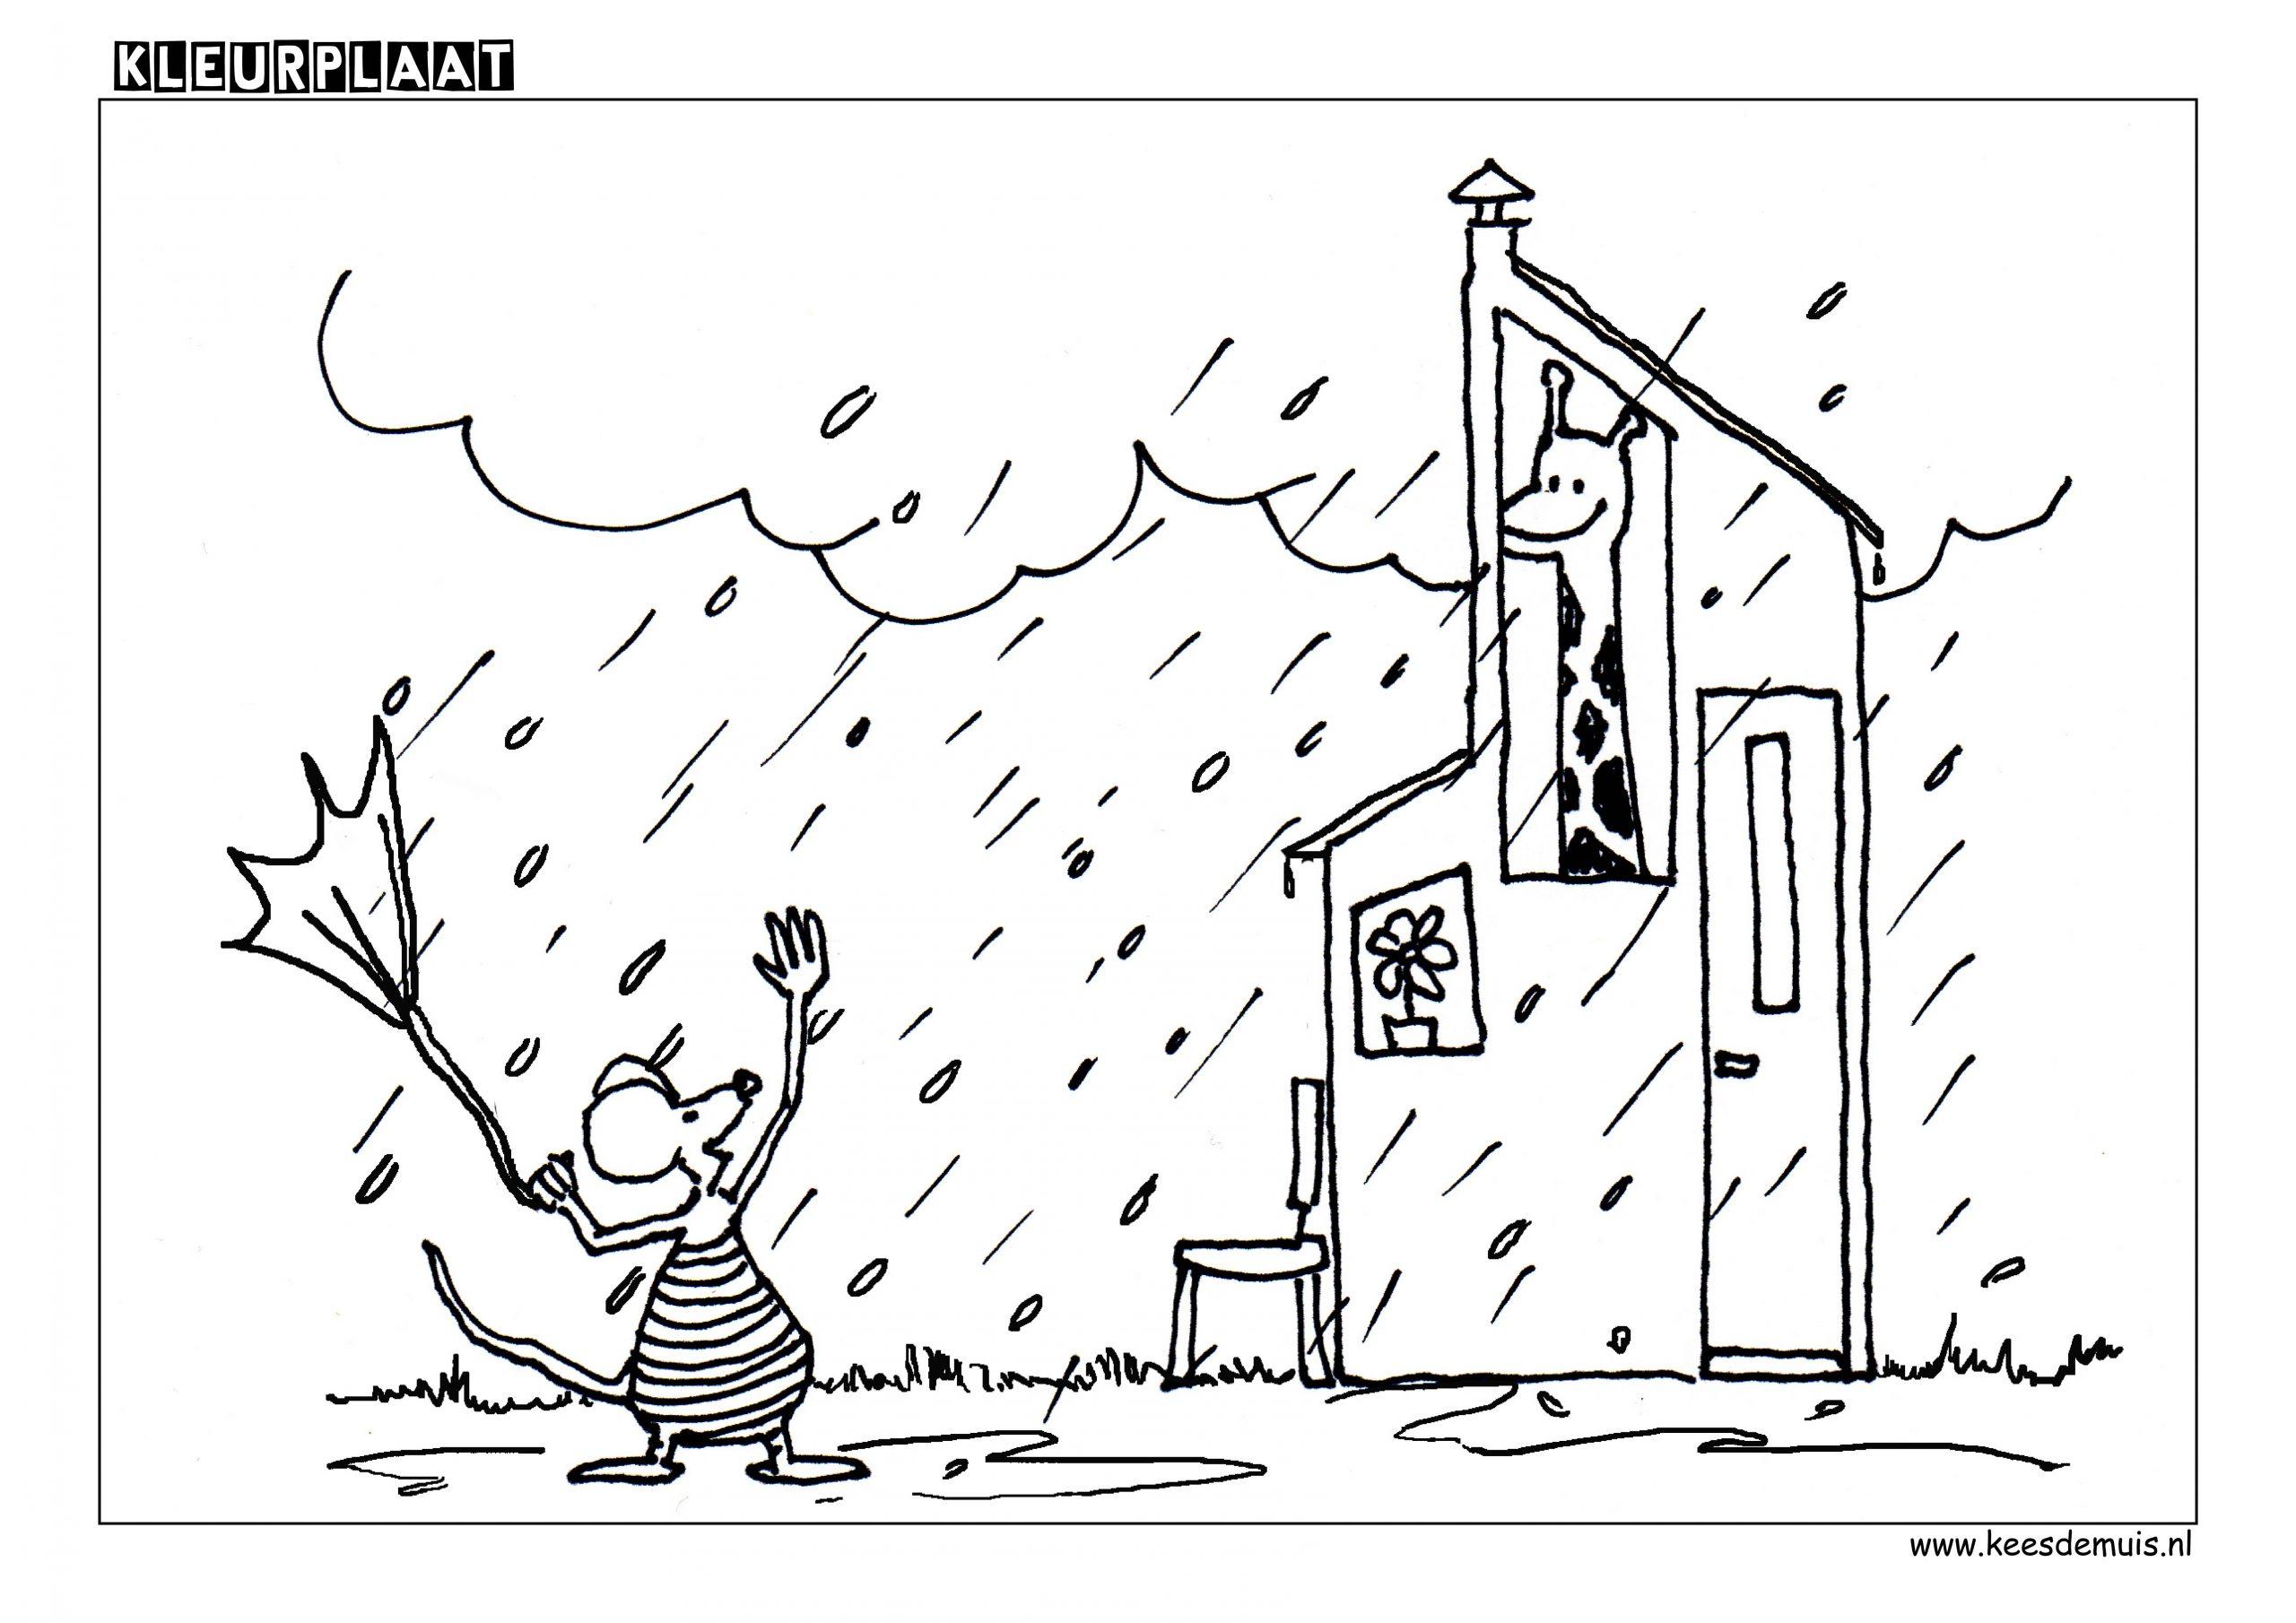 Kleurplaat Giraf regen wolken huis | Kees de Muis